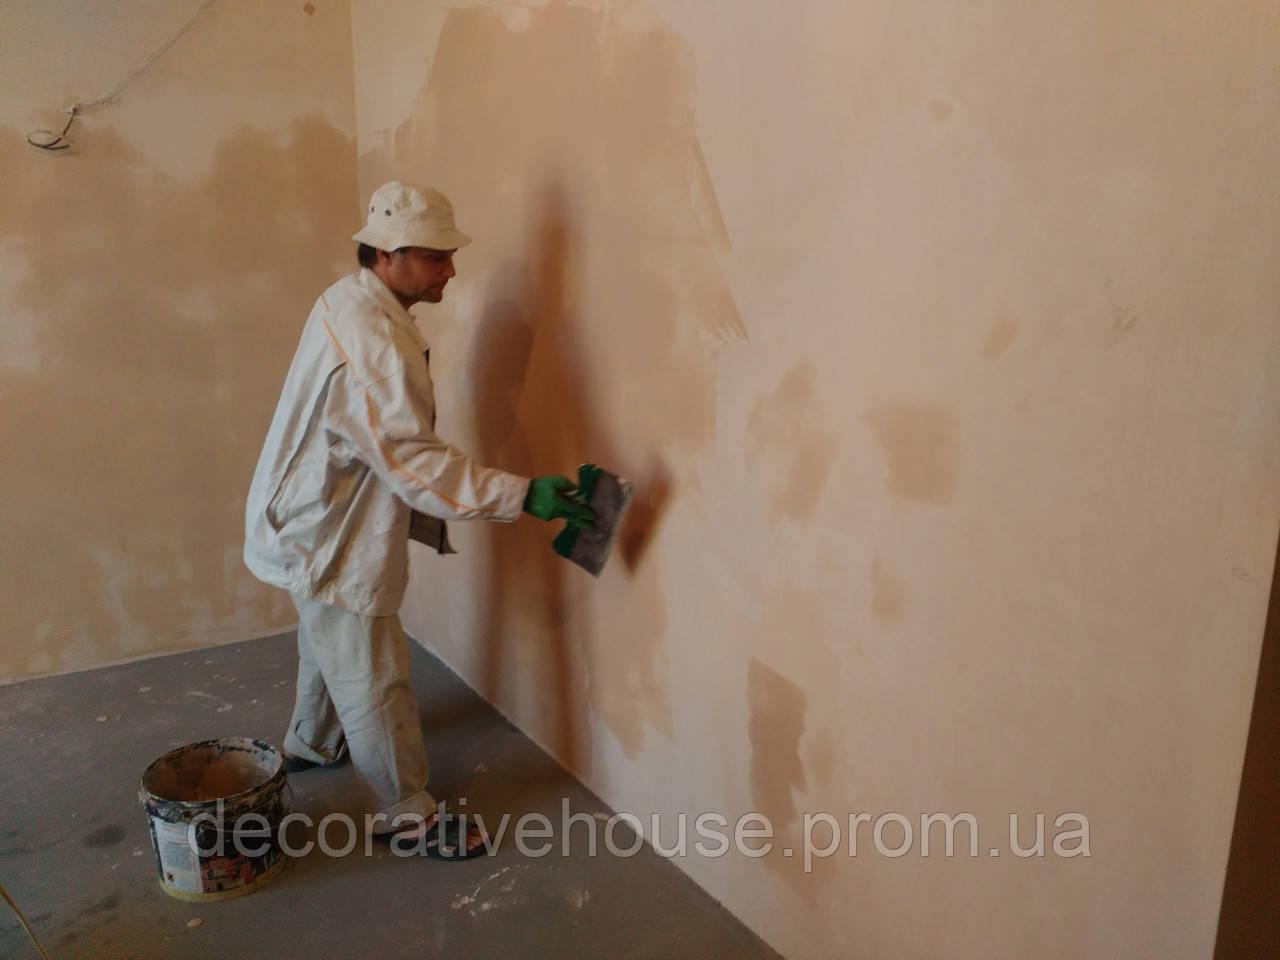 Выполняем работы по шпаклёвке стен и потолков под обои